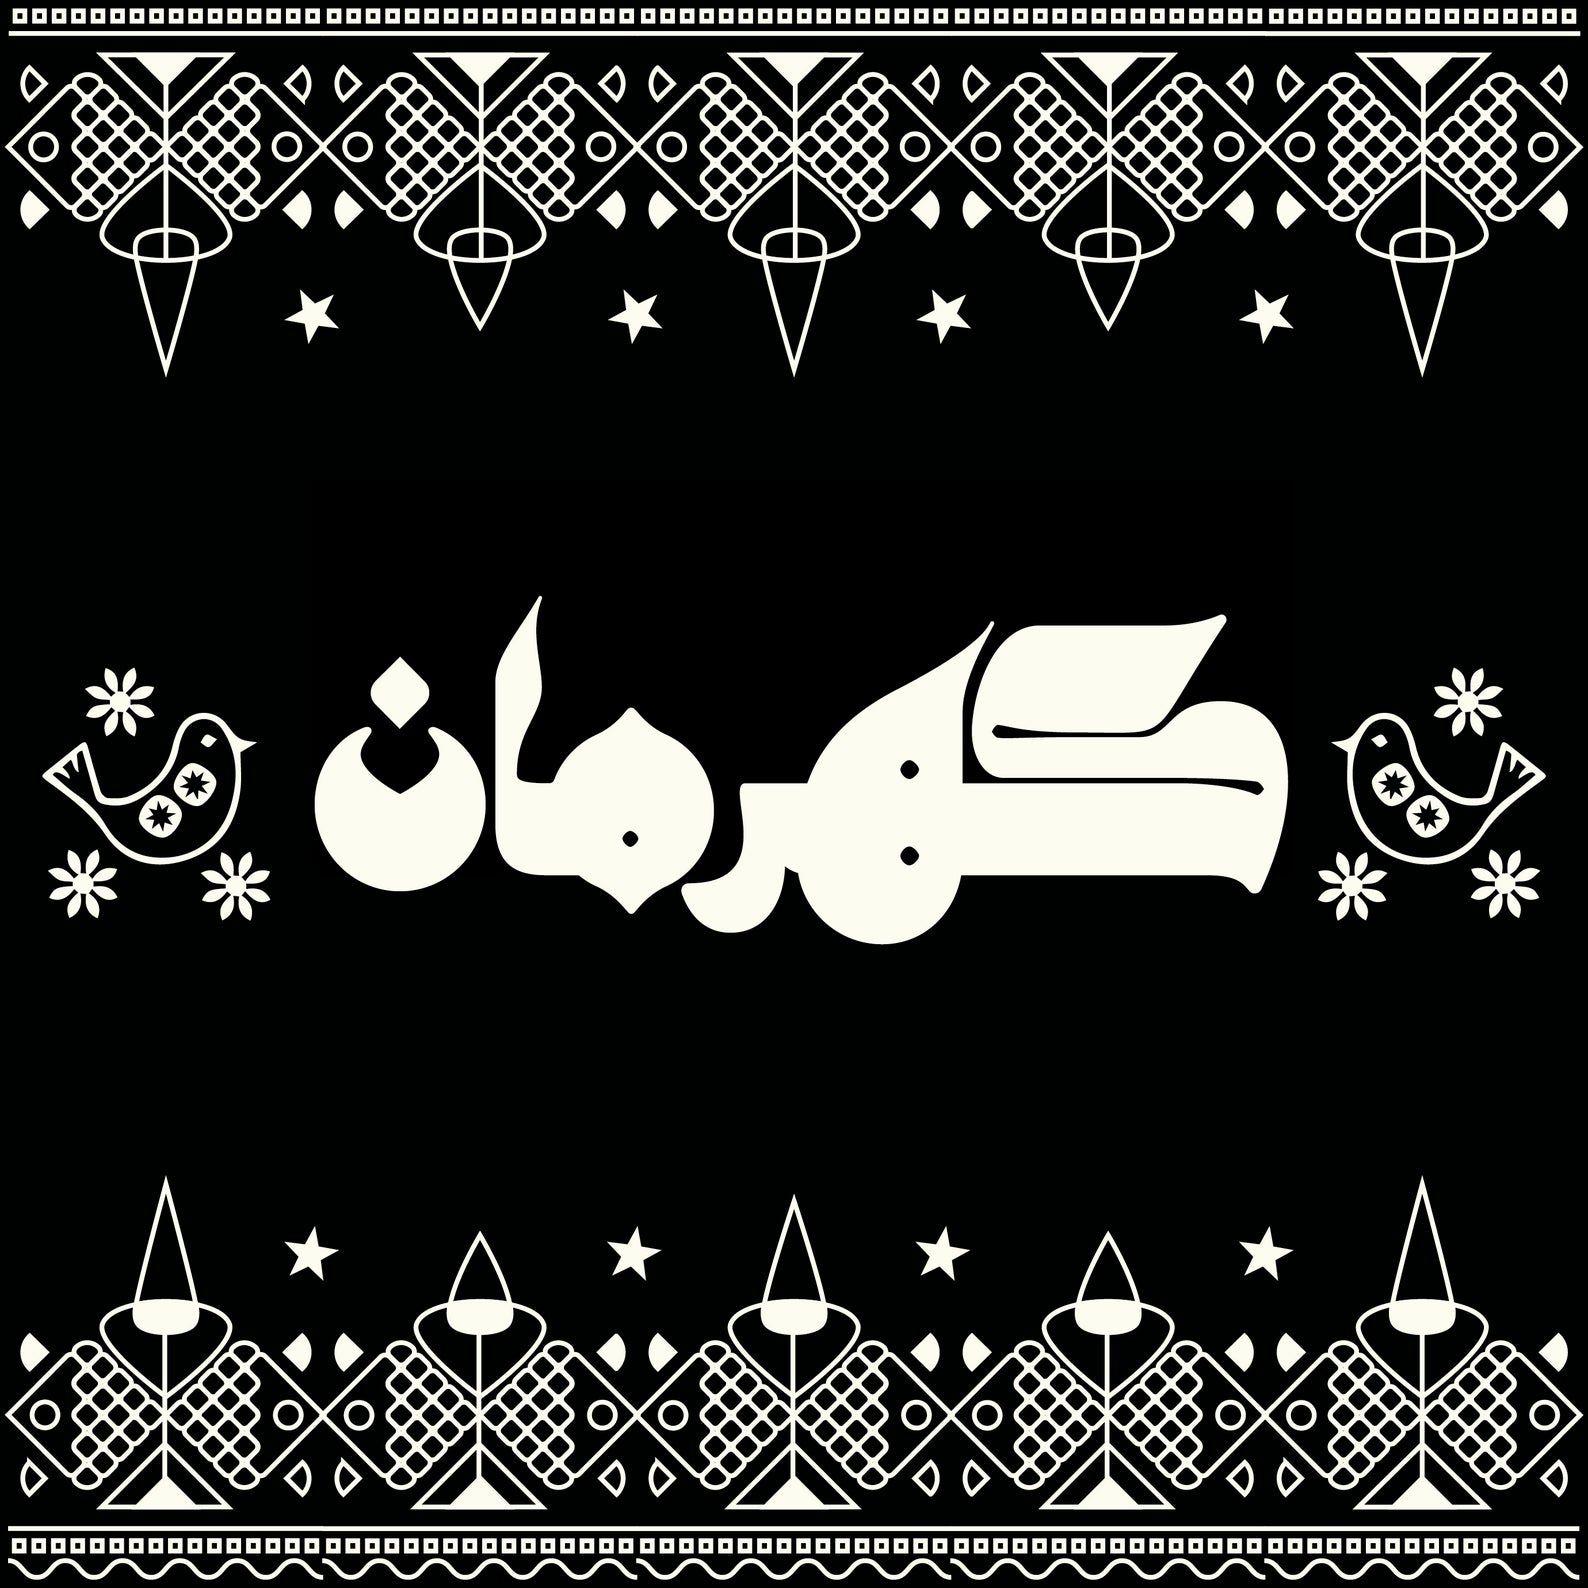 Kahraman Arabic Font Arabic Calligraphy Font Islamic